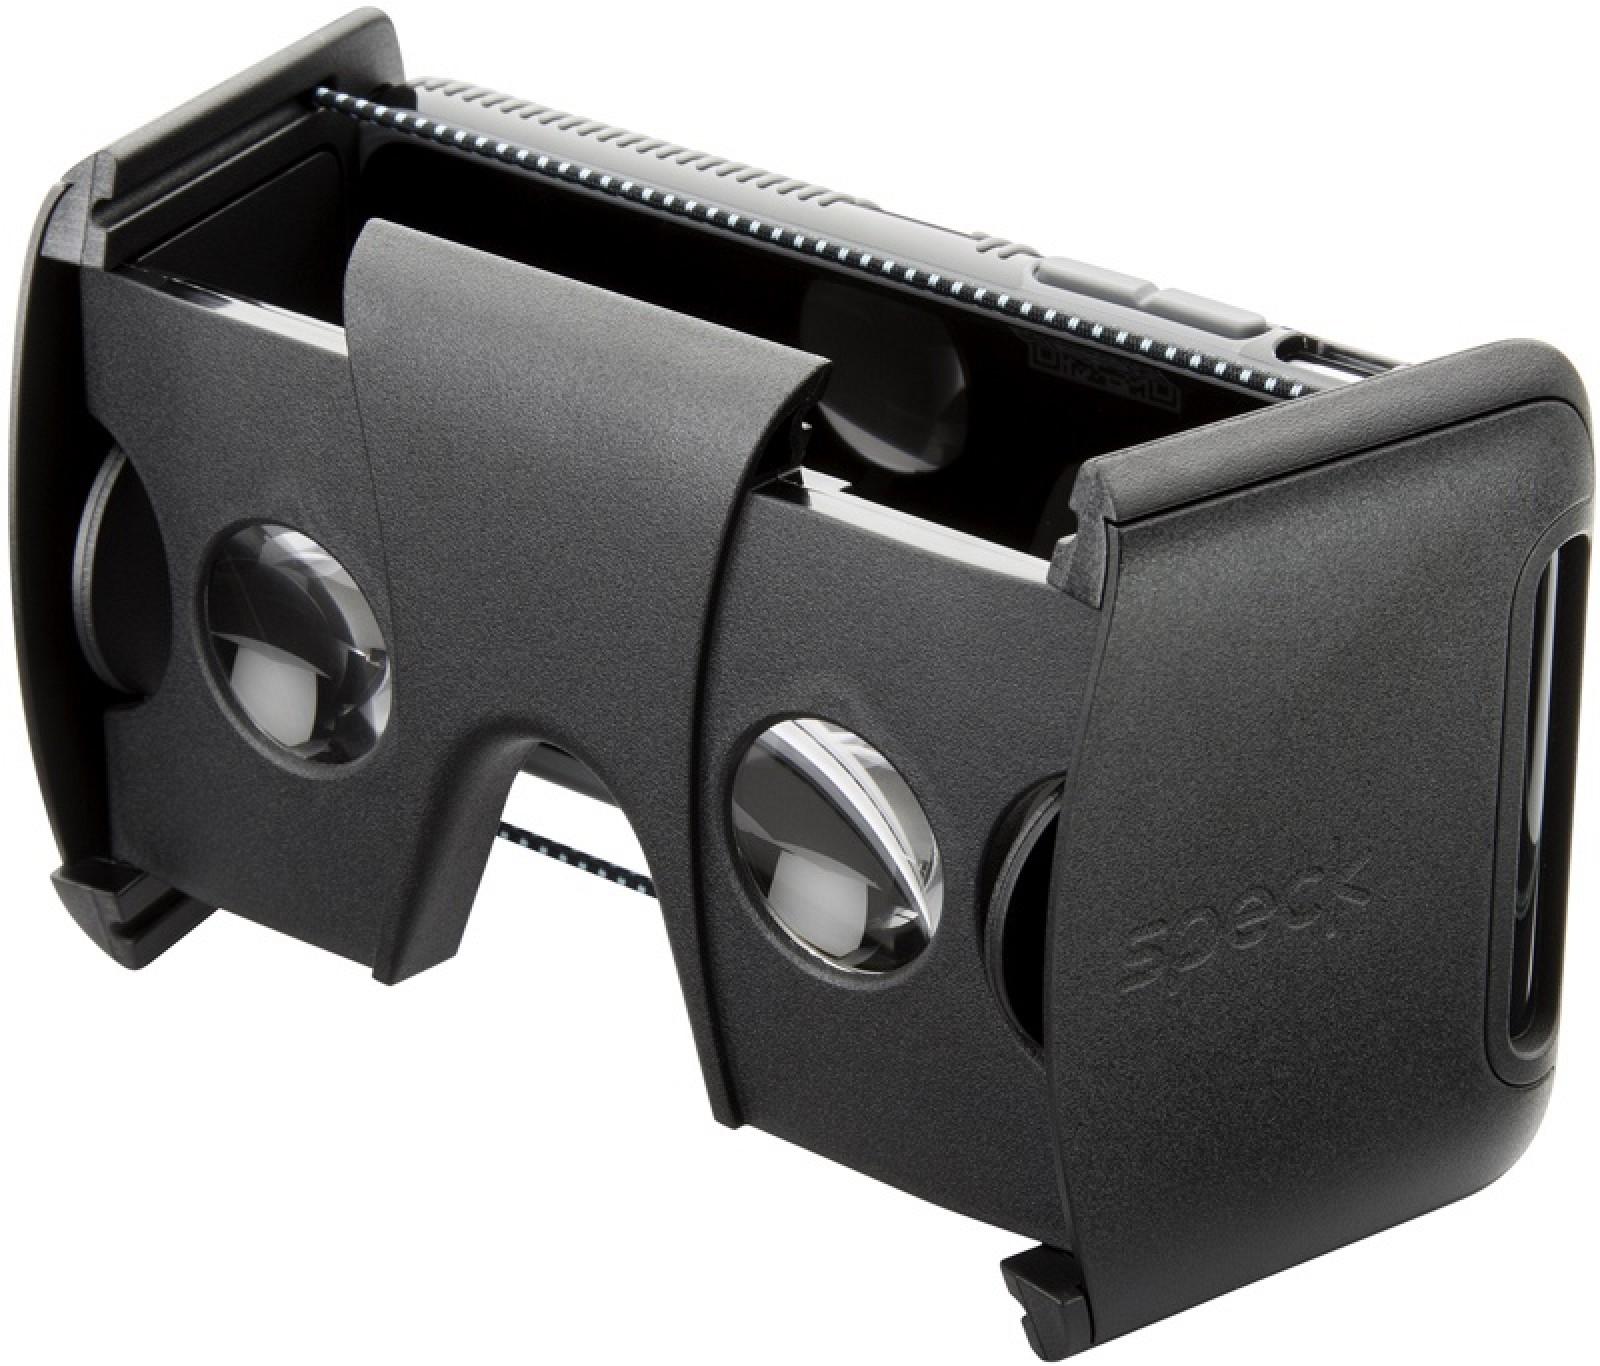 Pocket VR